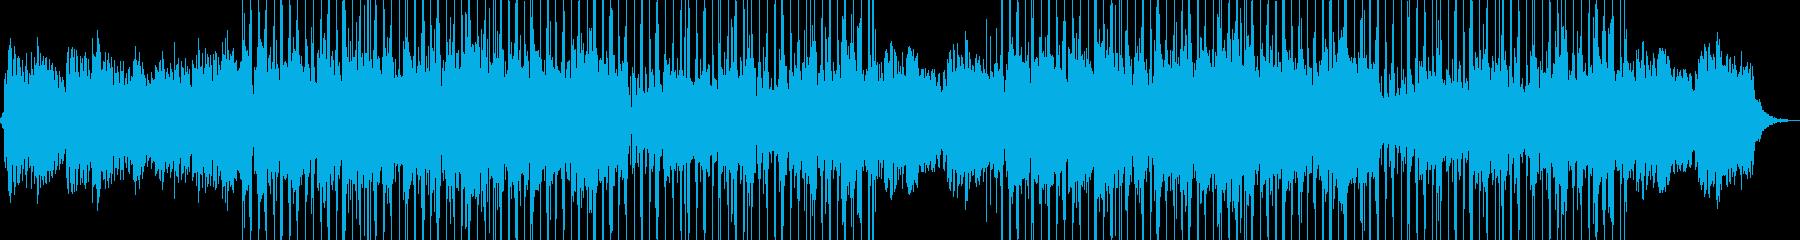 スタイリッシュで優しいサウンドの再生済みの波形